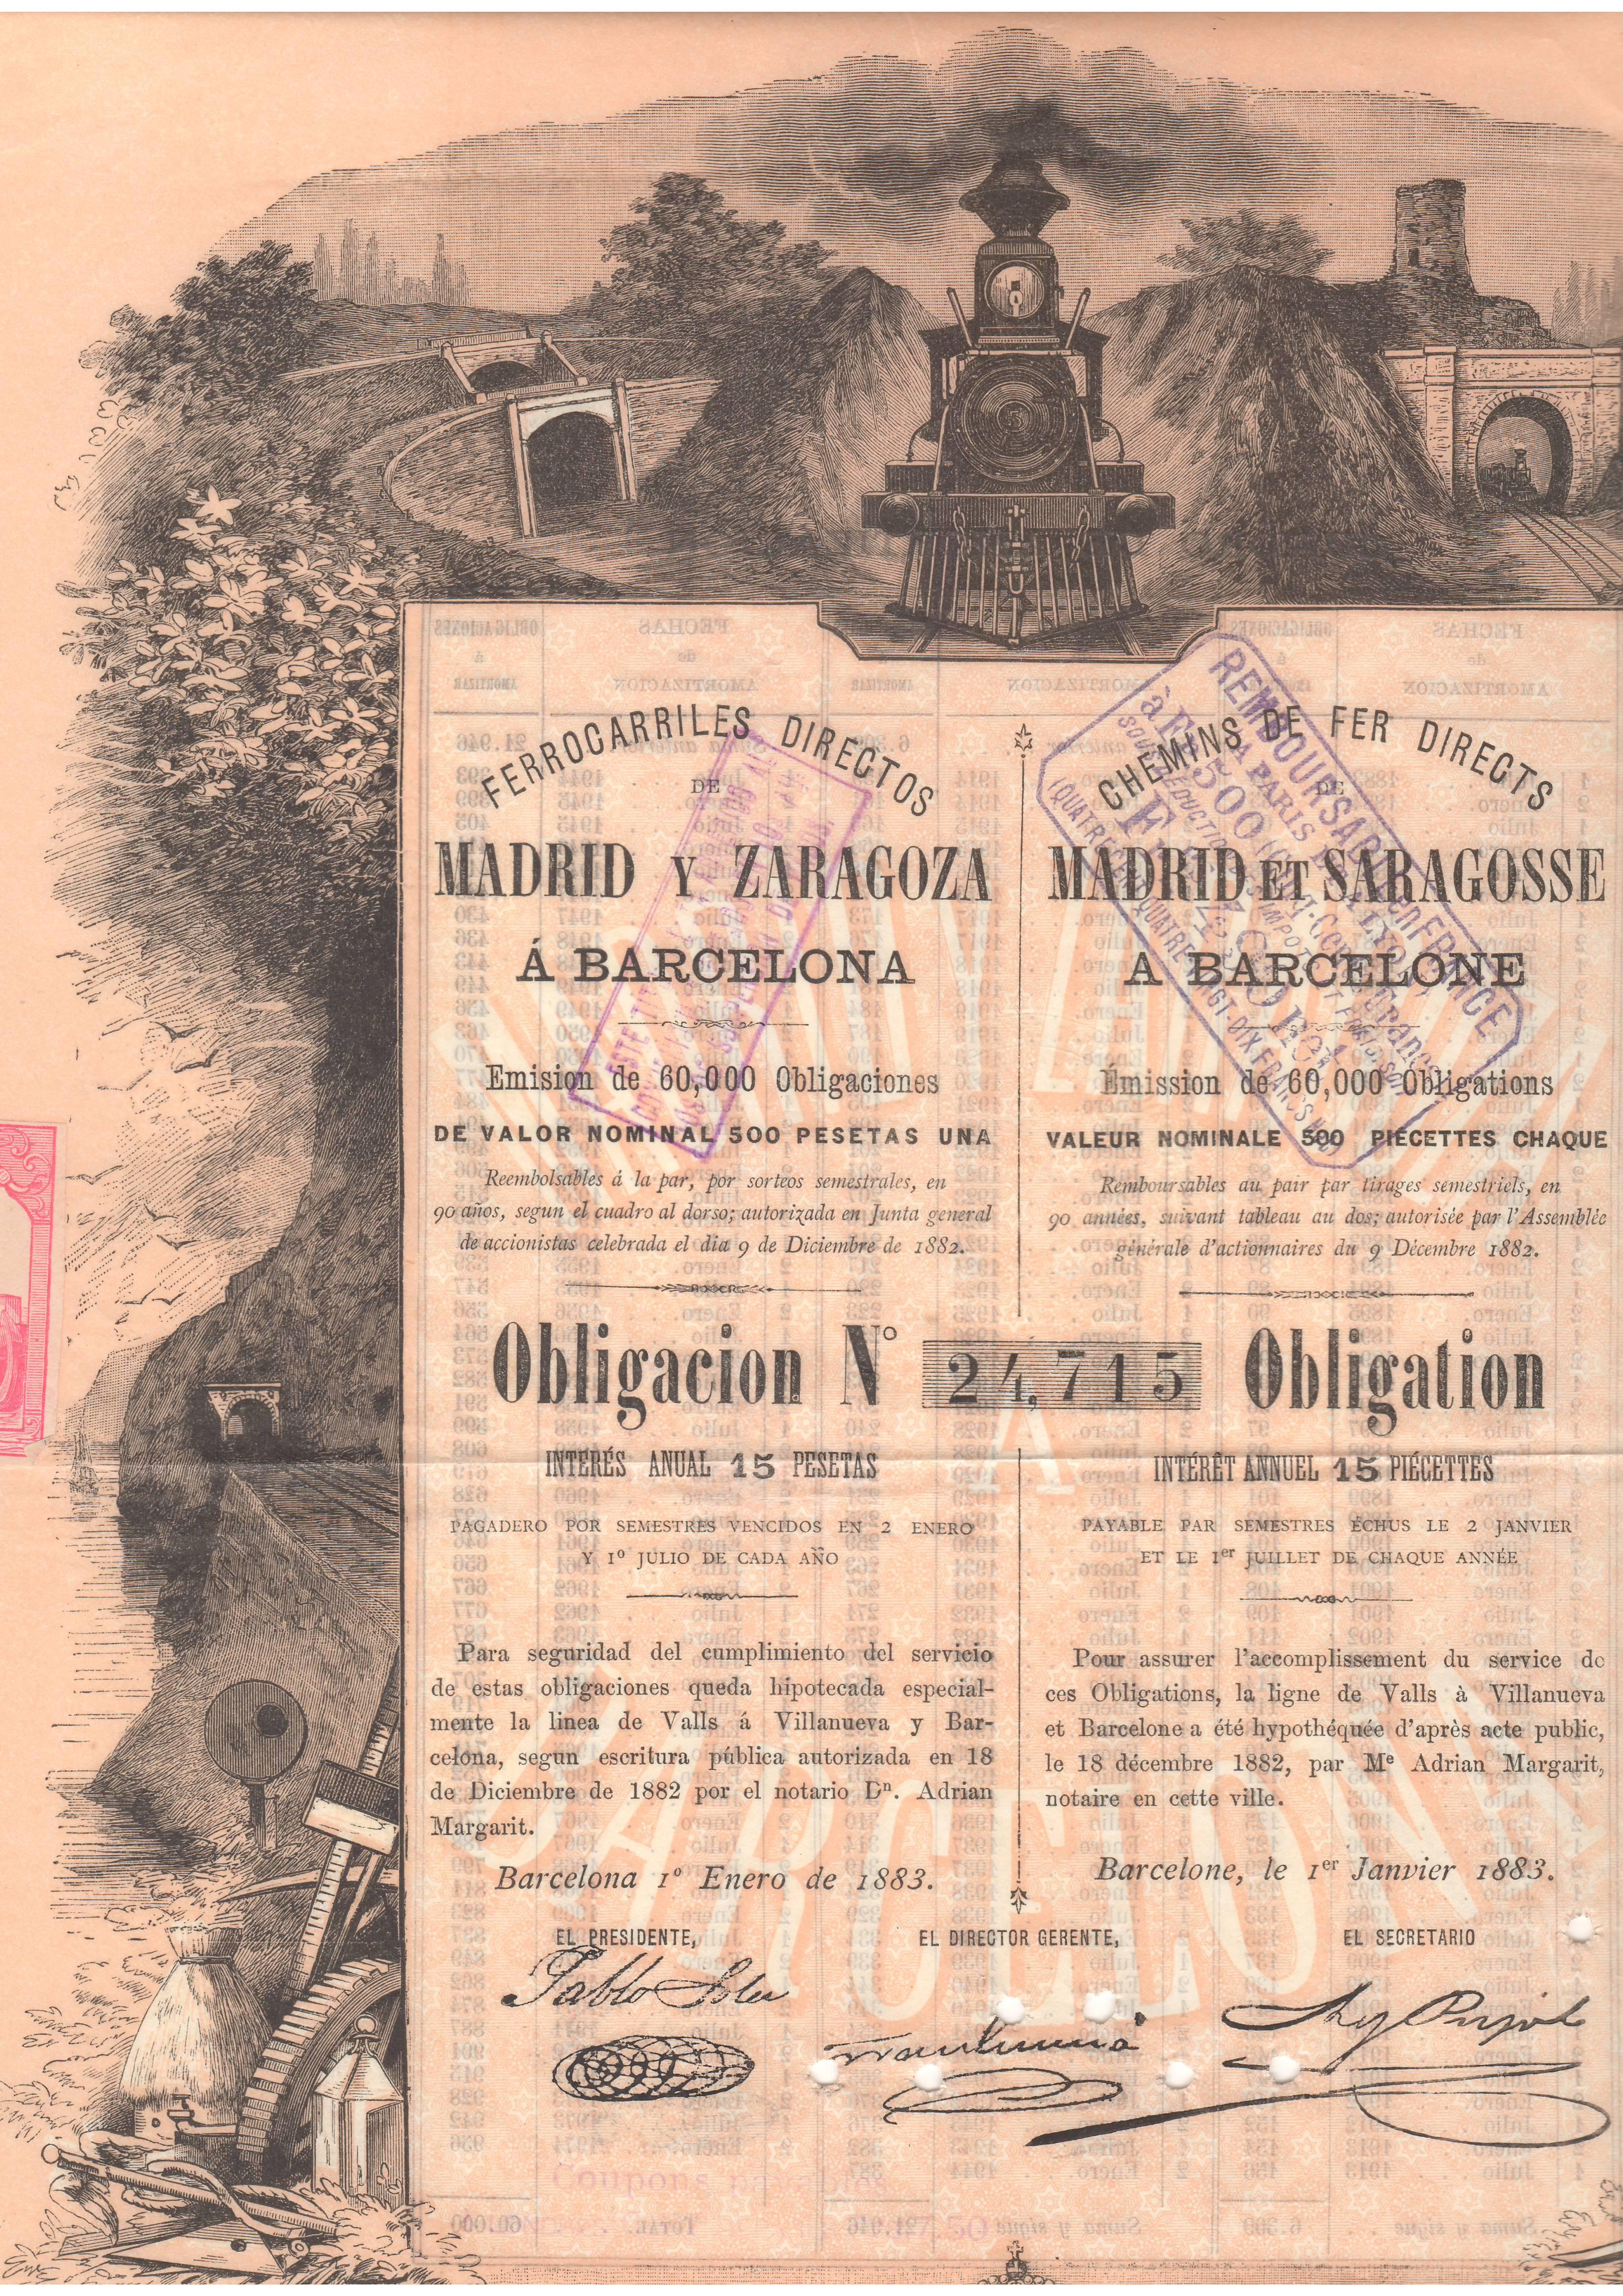 Ferrocarriles Directos de Madrid y Zaragoza a Barcelona